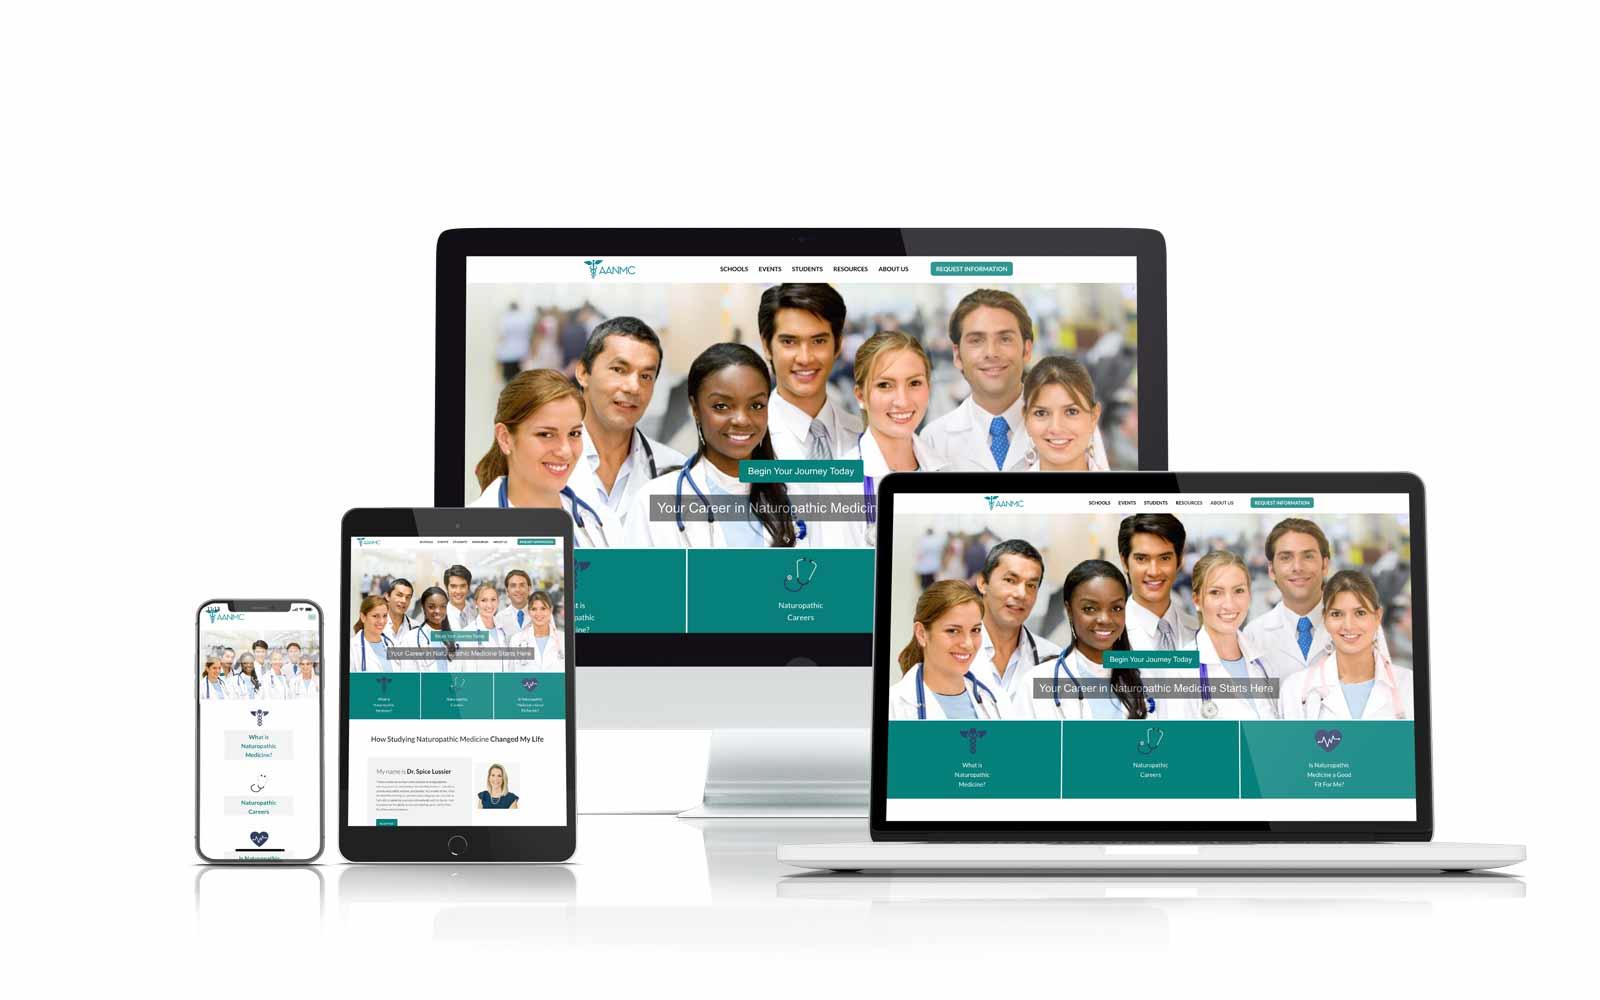 AANMC responsive website design